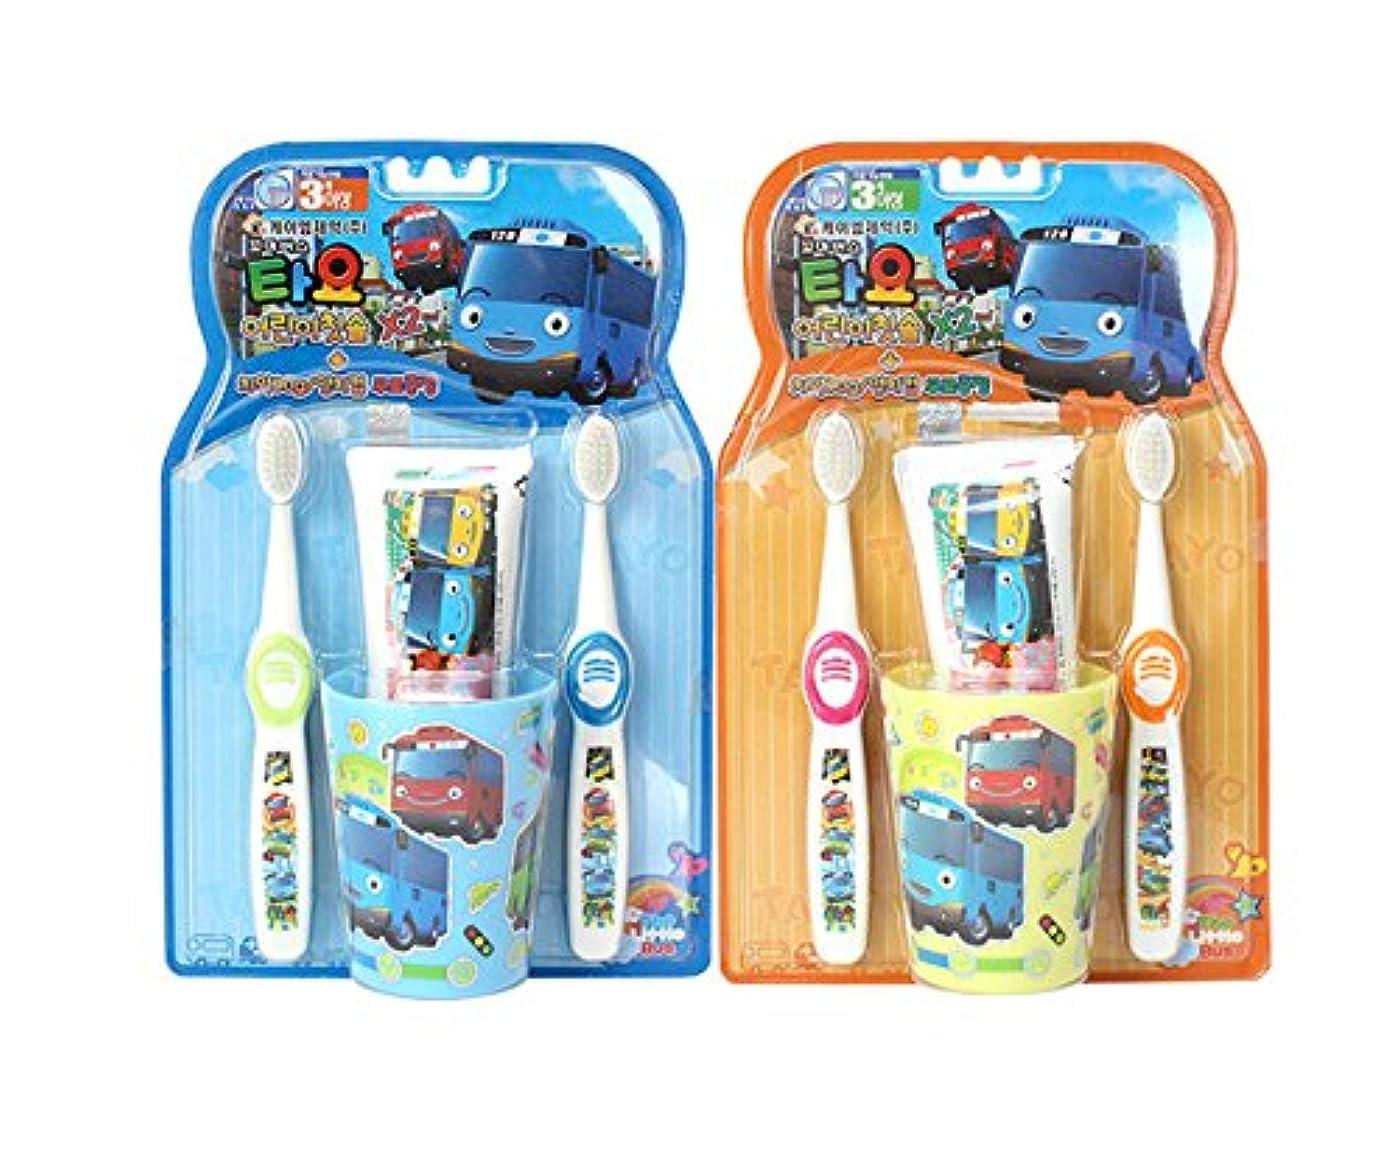 電球またはどちらかお手伝いさん[SET] Tayo The Little Bus ちびっこバス タヨ 子ども用ハブラシ 乳歯?オーラルケア 歯磨き粉 歯ブラシ 歯カップ セット 歯磨きセット子供の歯ブラシ (2 SET) [並行輸入品]